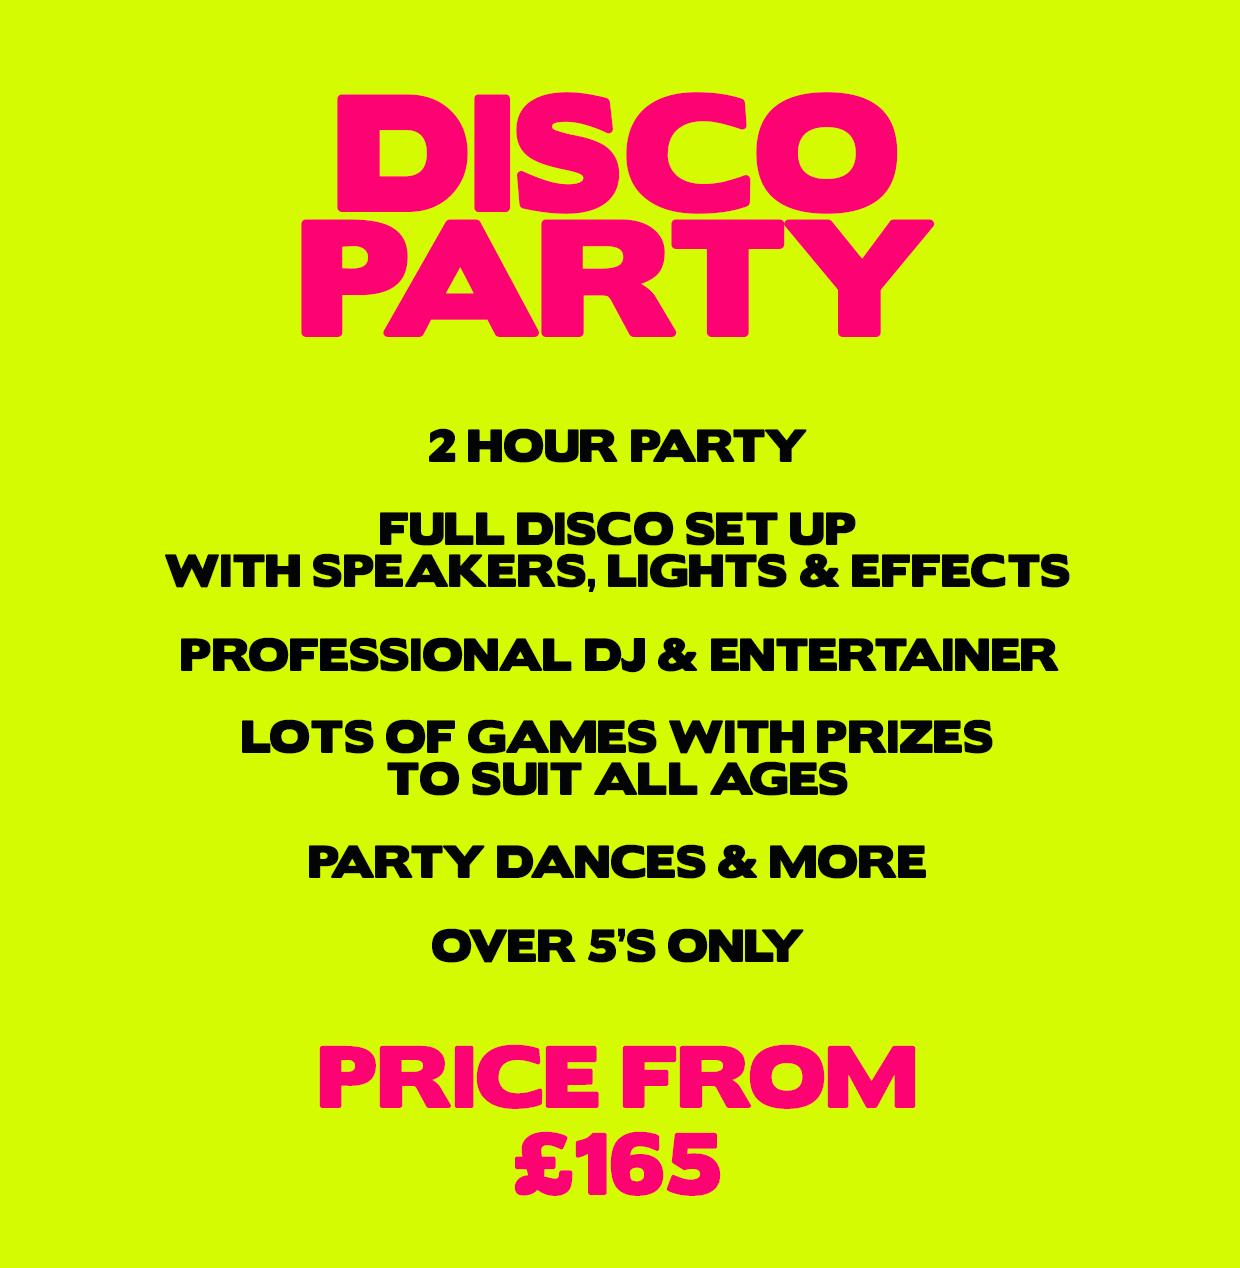 DISCO PARTY WEB 1